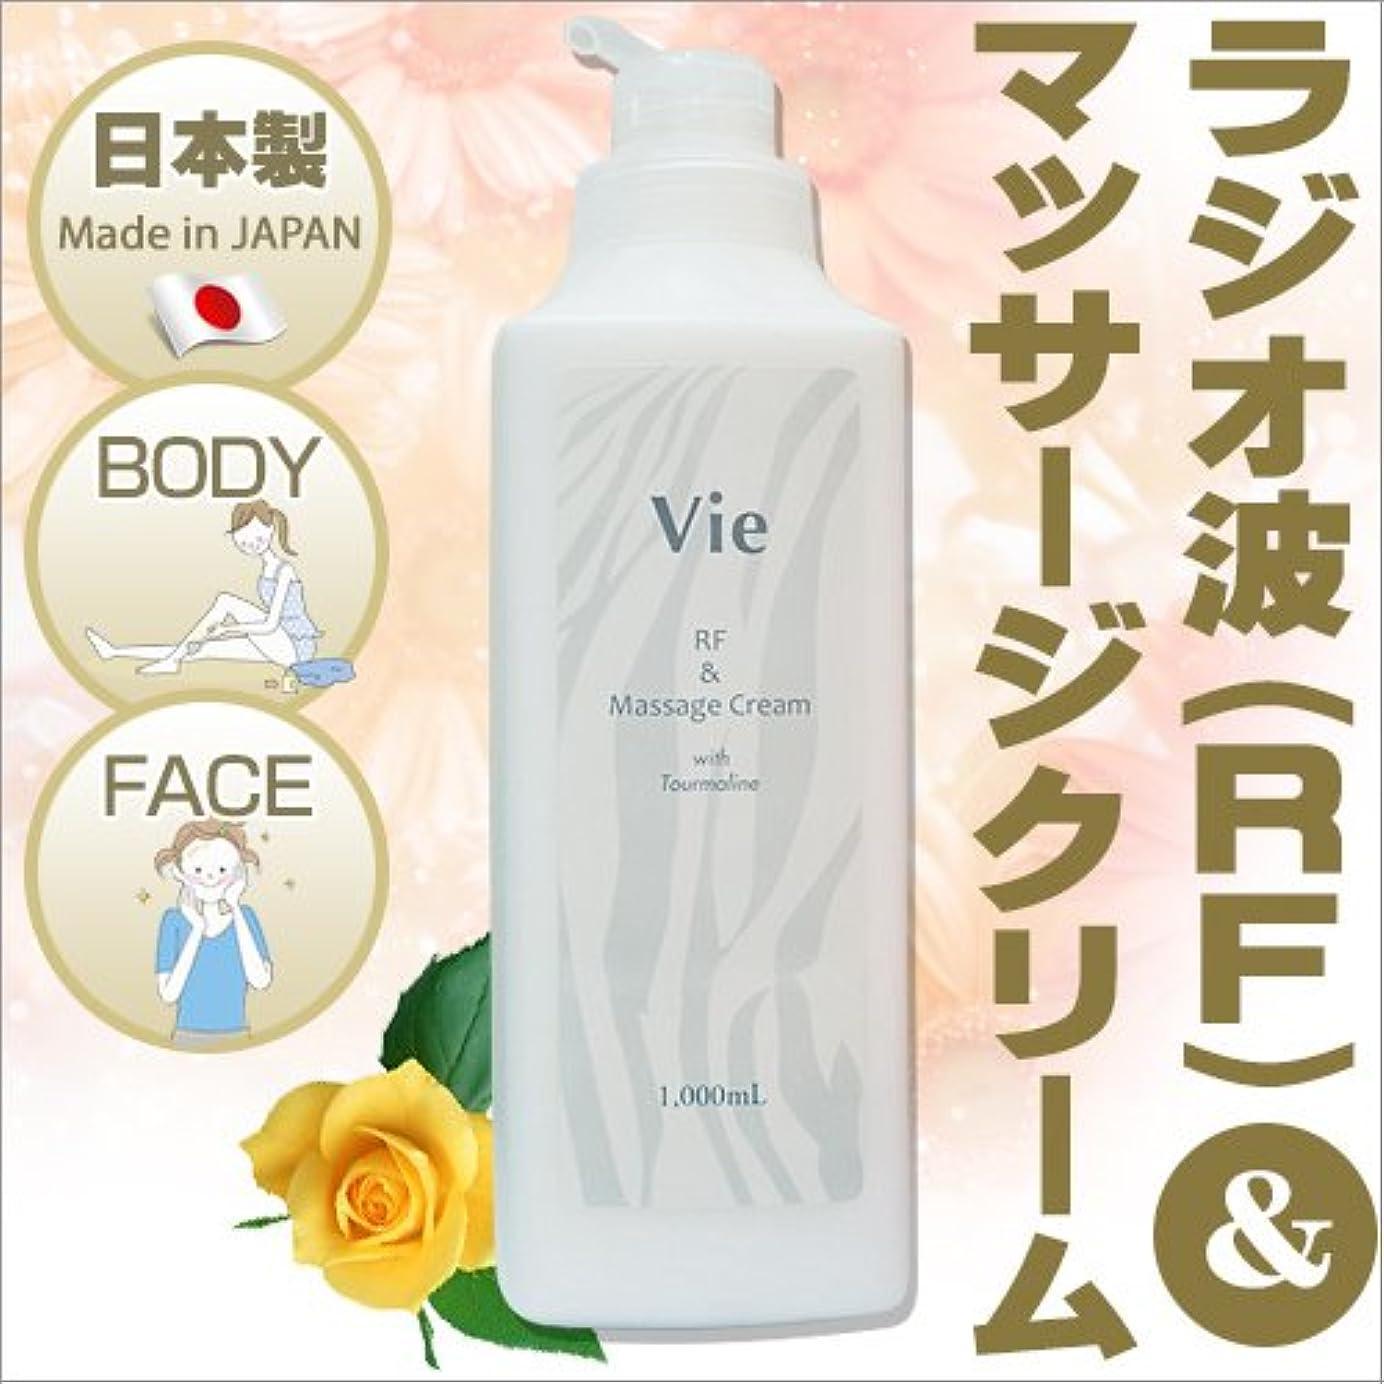 発生バスタブパラメータラジオ波クリーム【日本製】1kg Vie RFクリーム